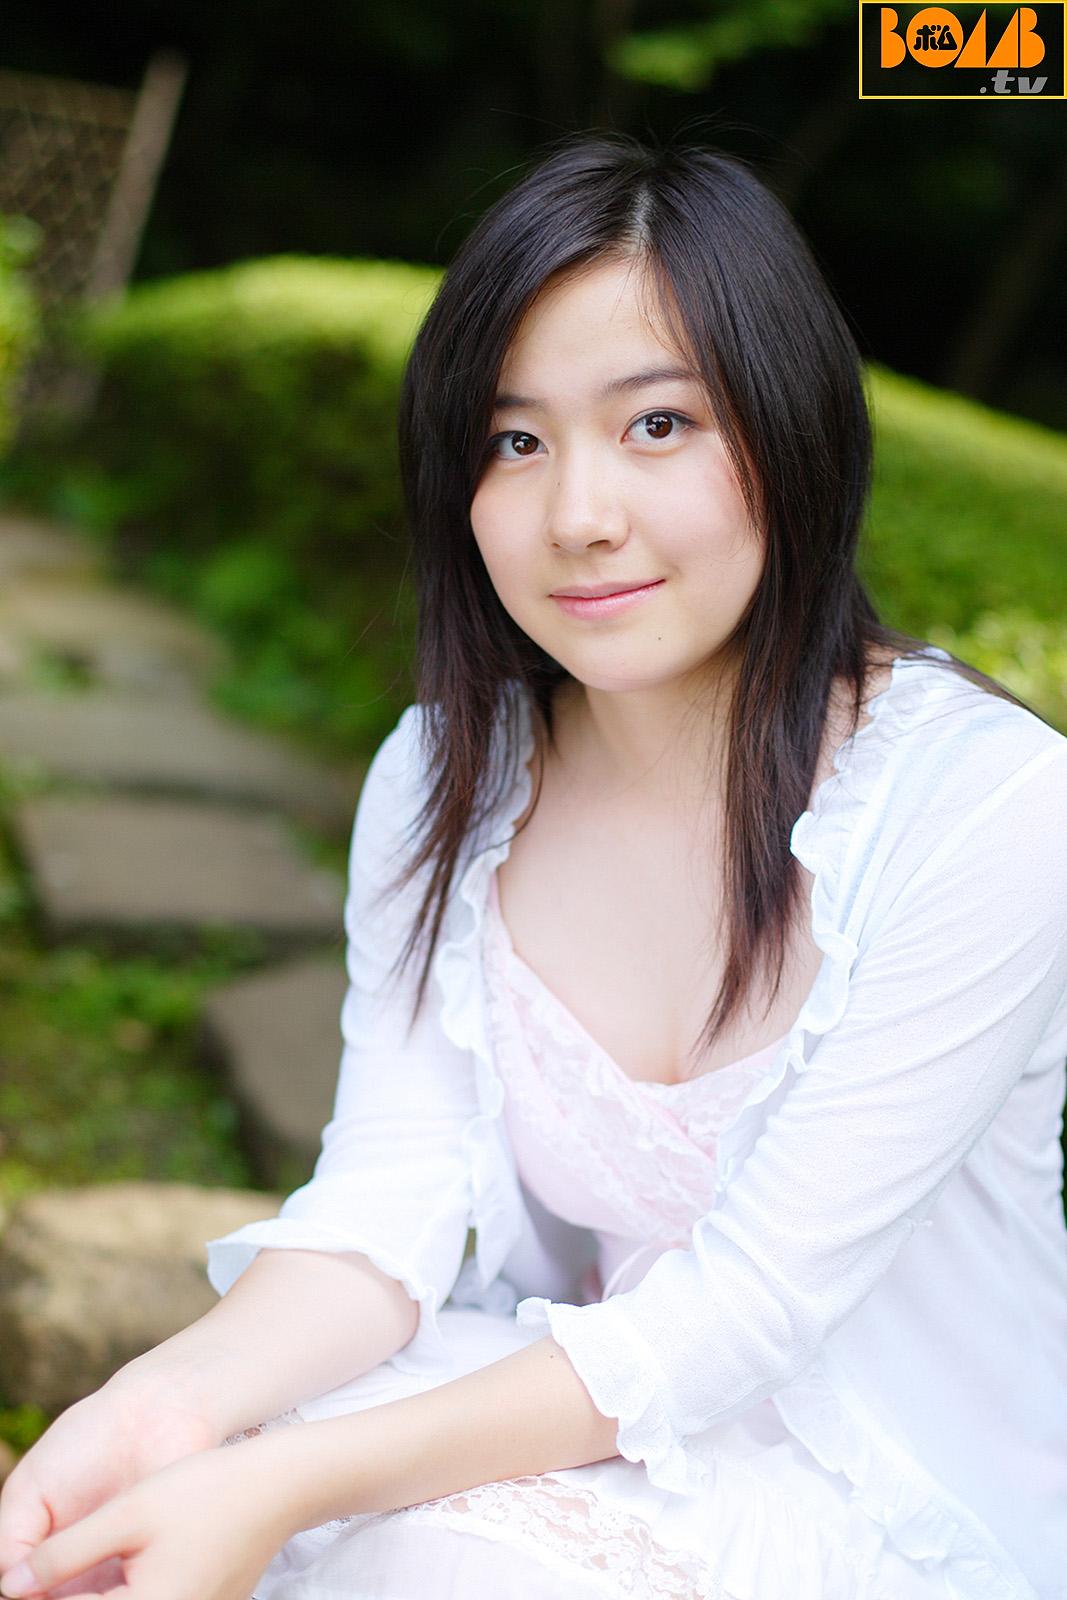 Yuria Nakazawa - Bomb.tv Channel B 中沢悠里亜 [2005.09][25.0 MB]